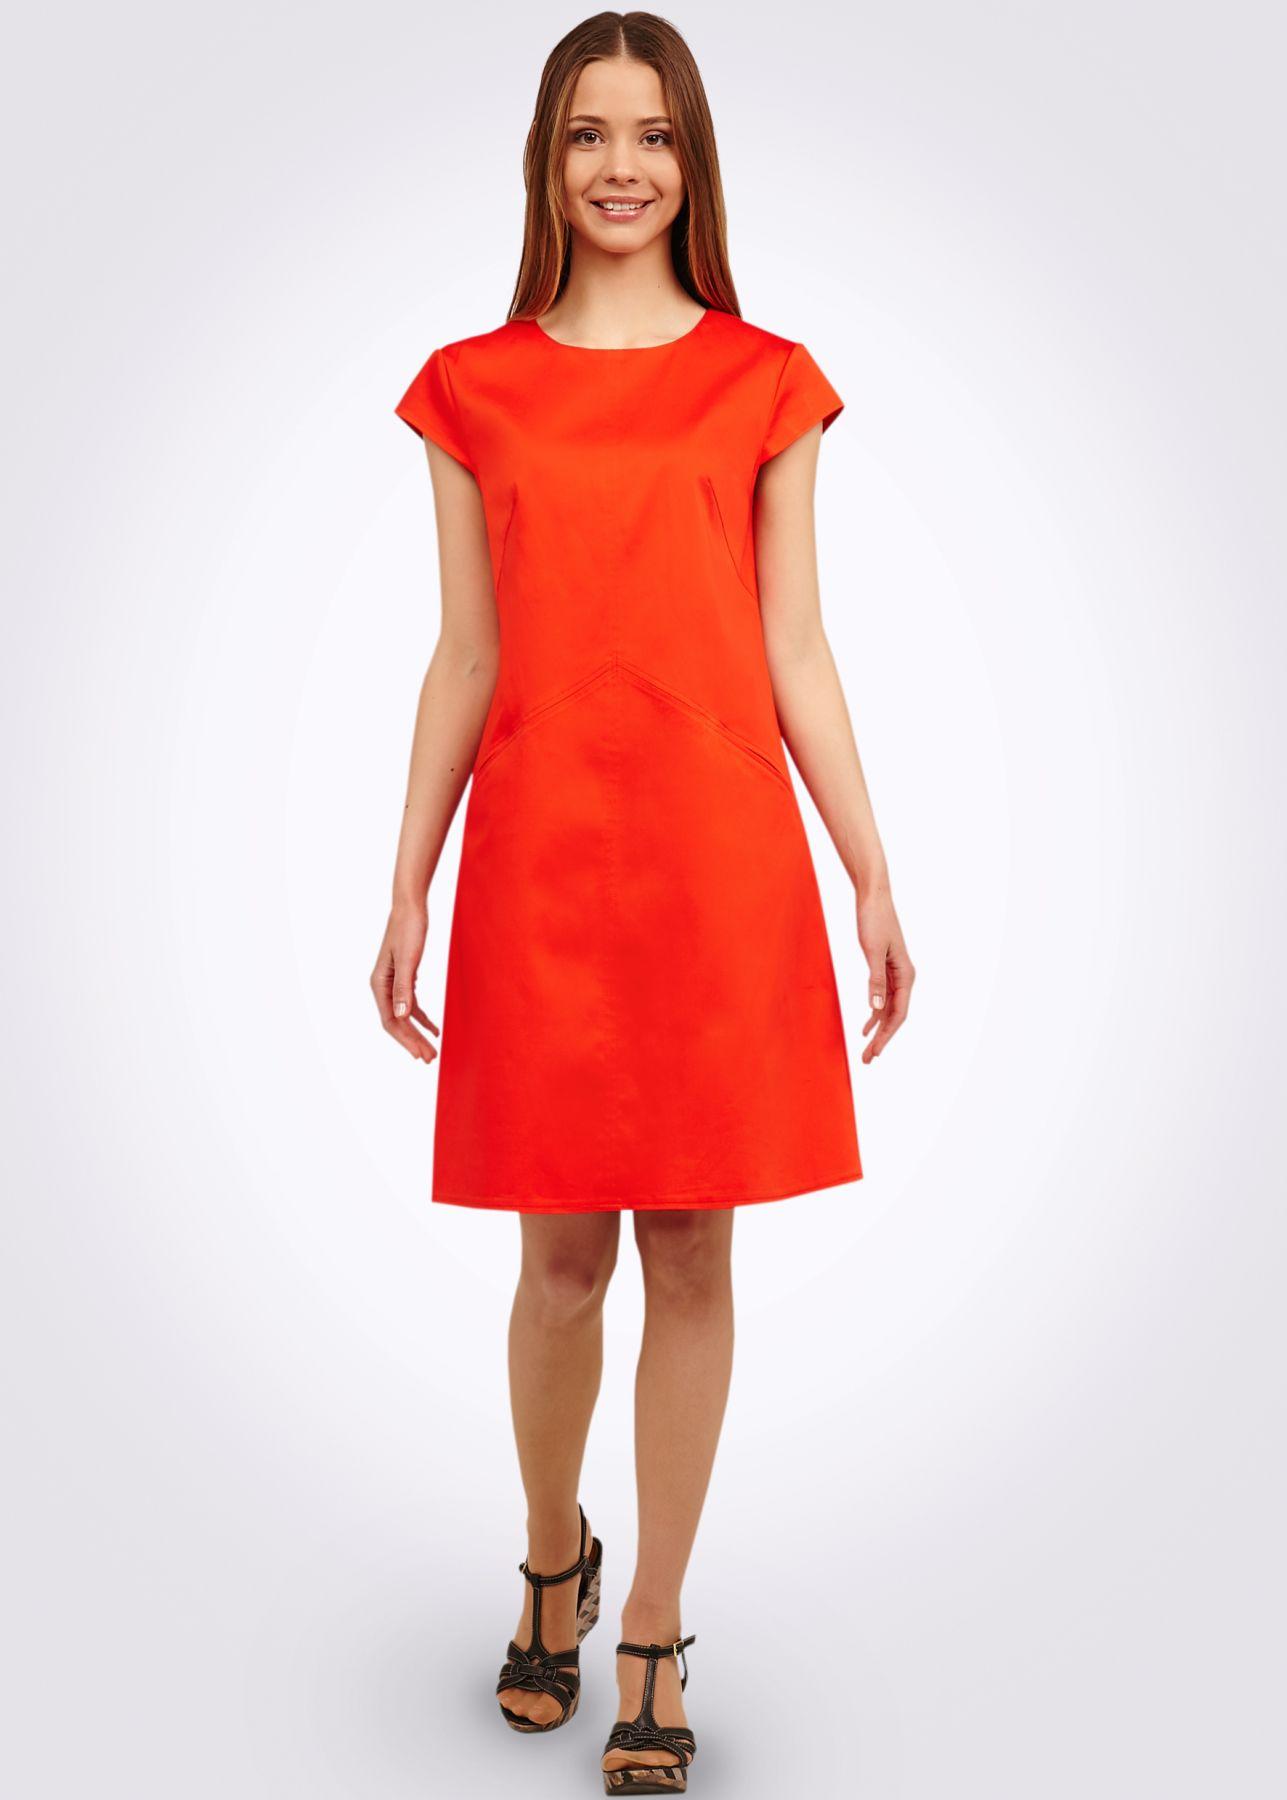 Фото женской модной одежды платья